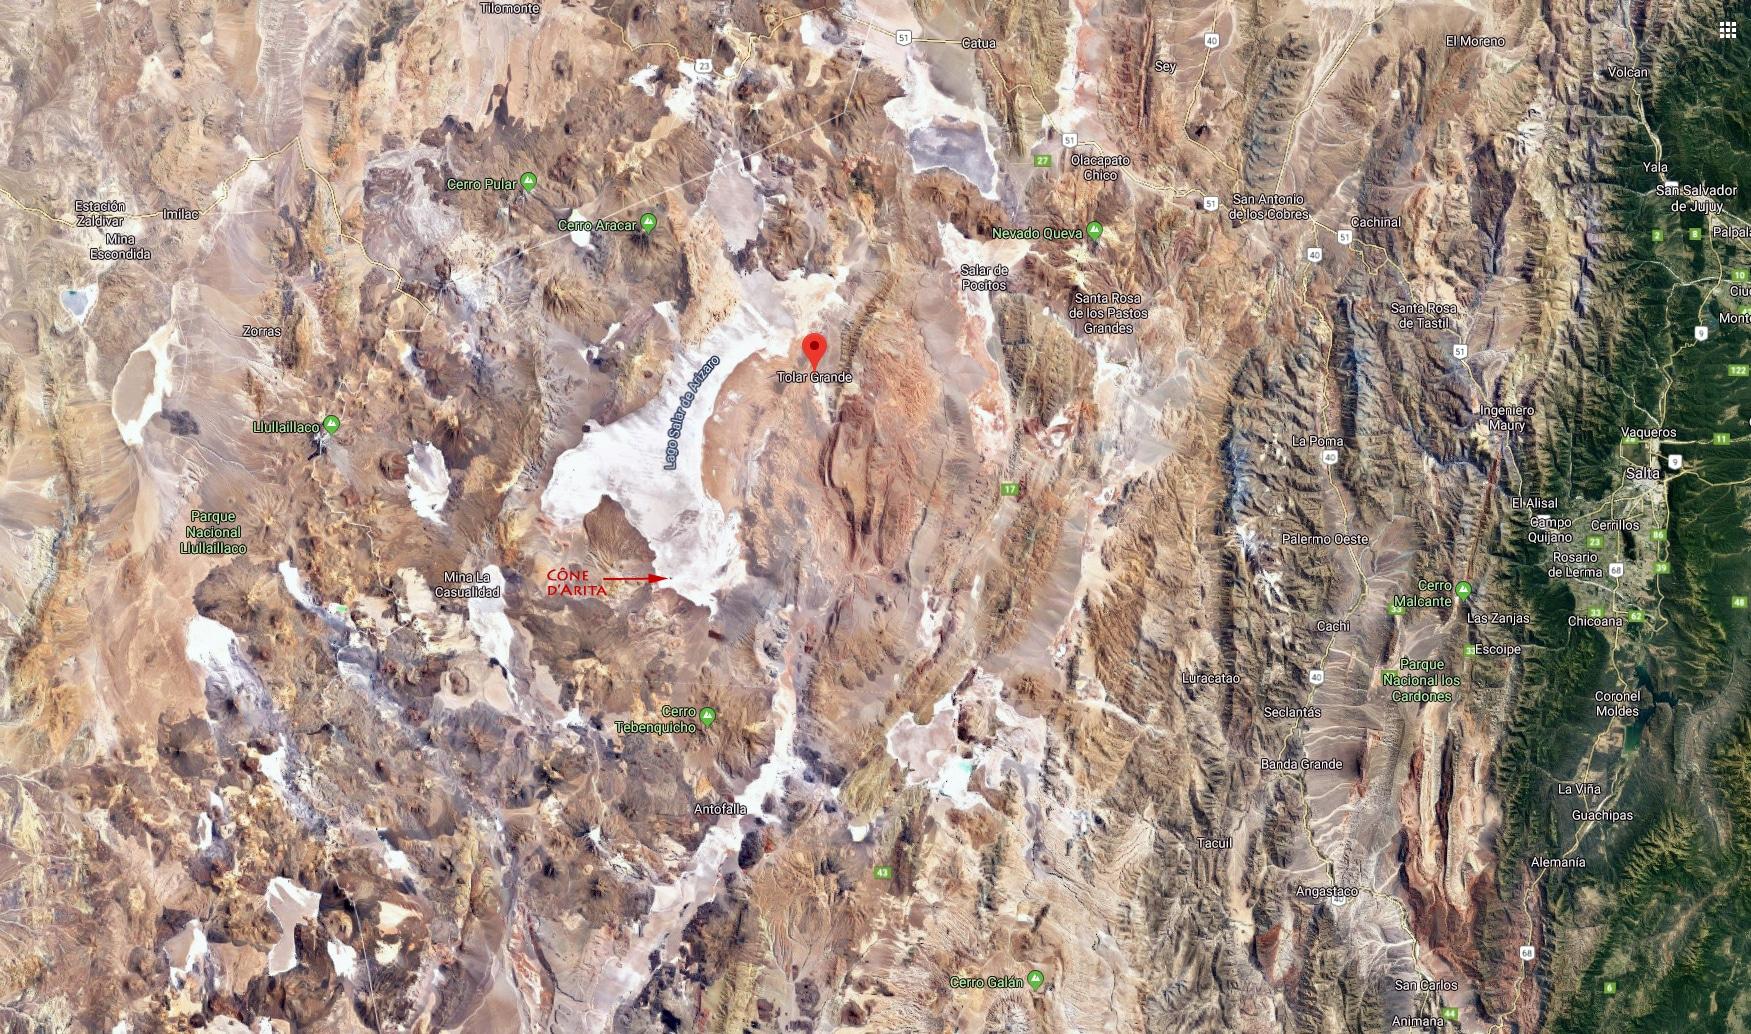 Vue satellite de la région que nous avons visitée. Salta sur la droite, Tolar Grande au milieu,